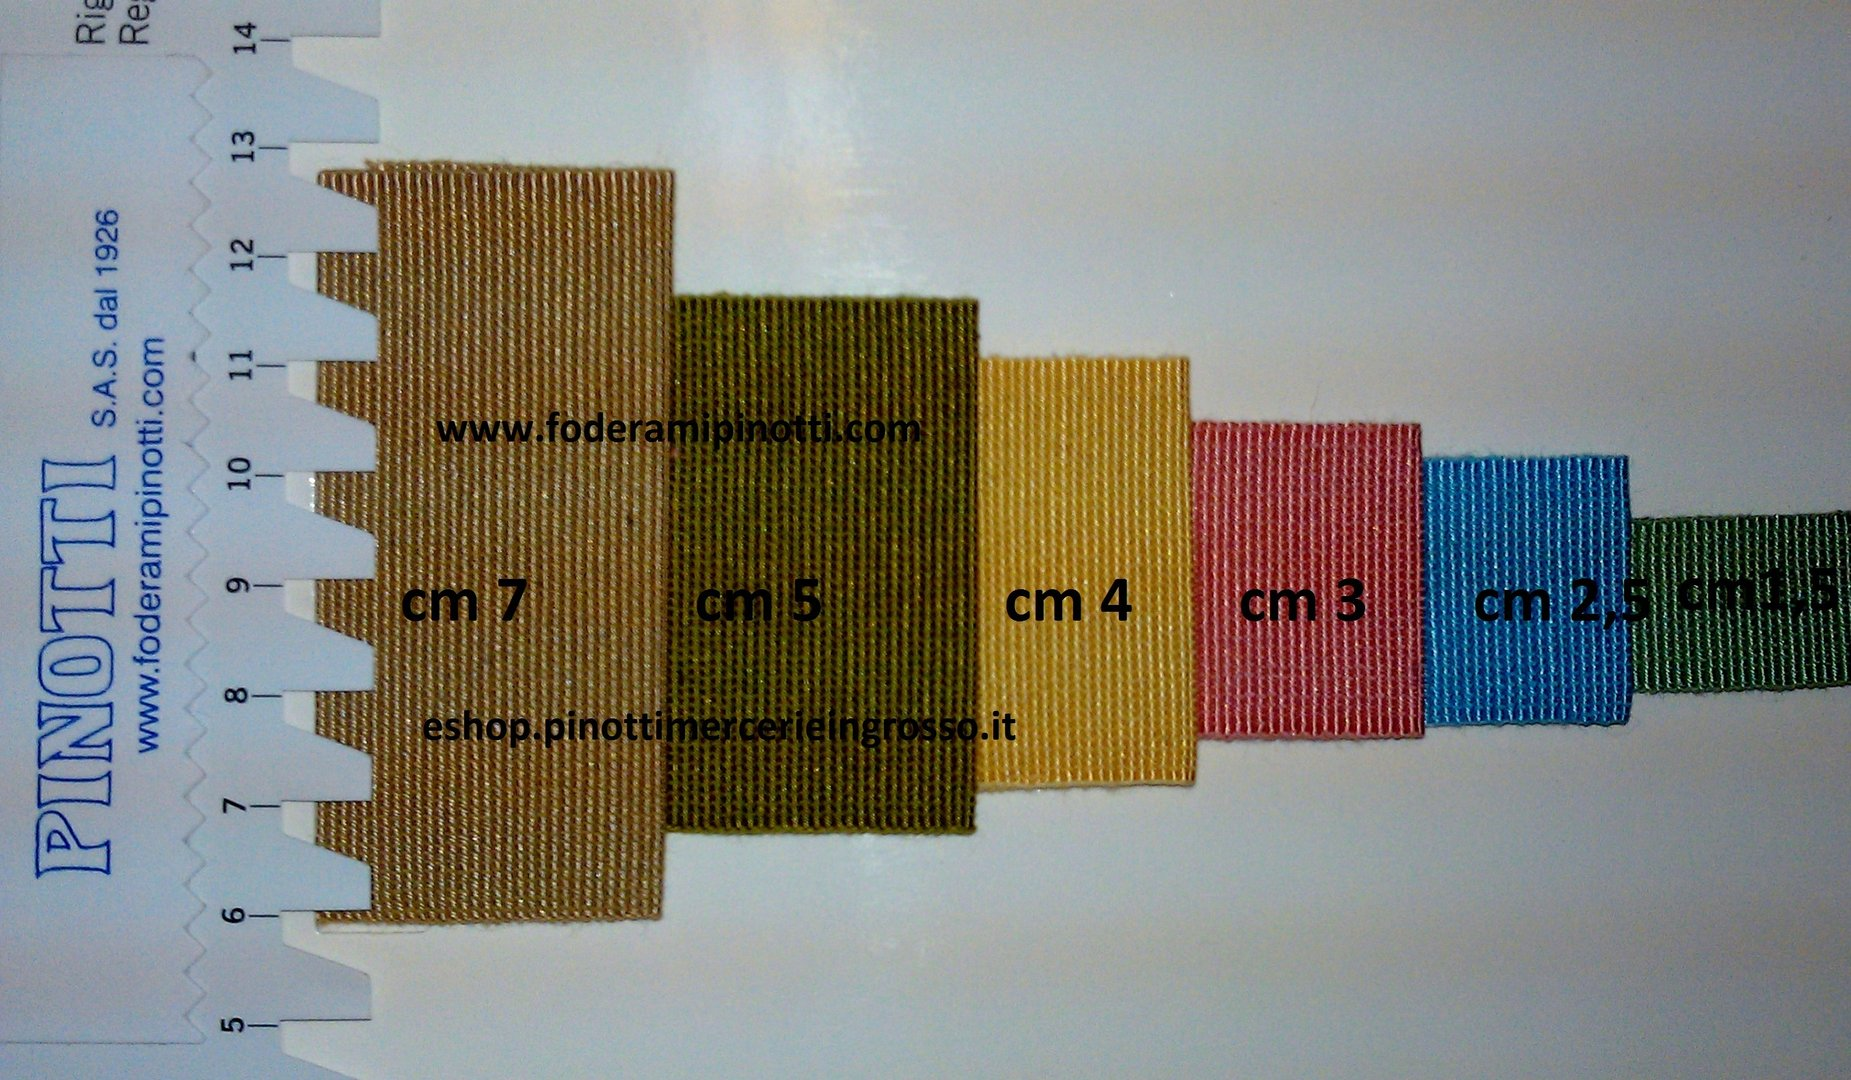 Canete gros grain mm.15 n.3 tessuti e merceria online